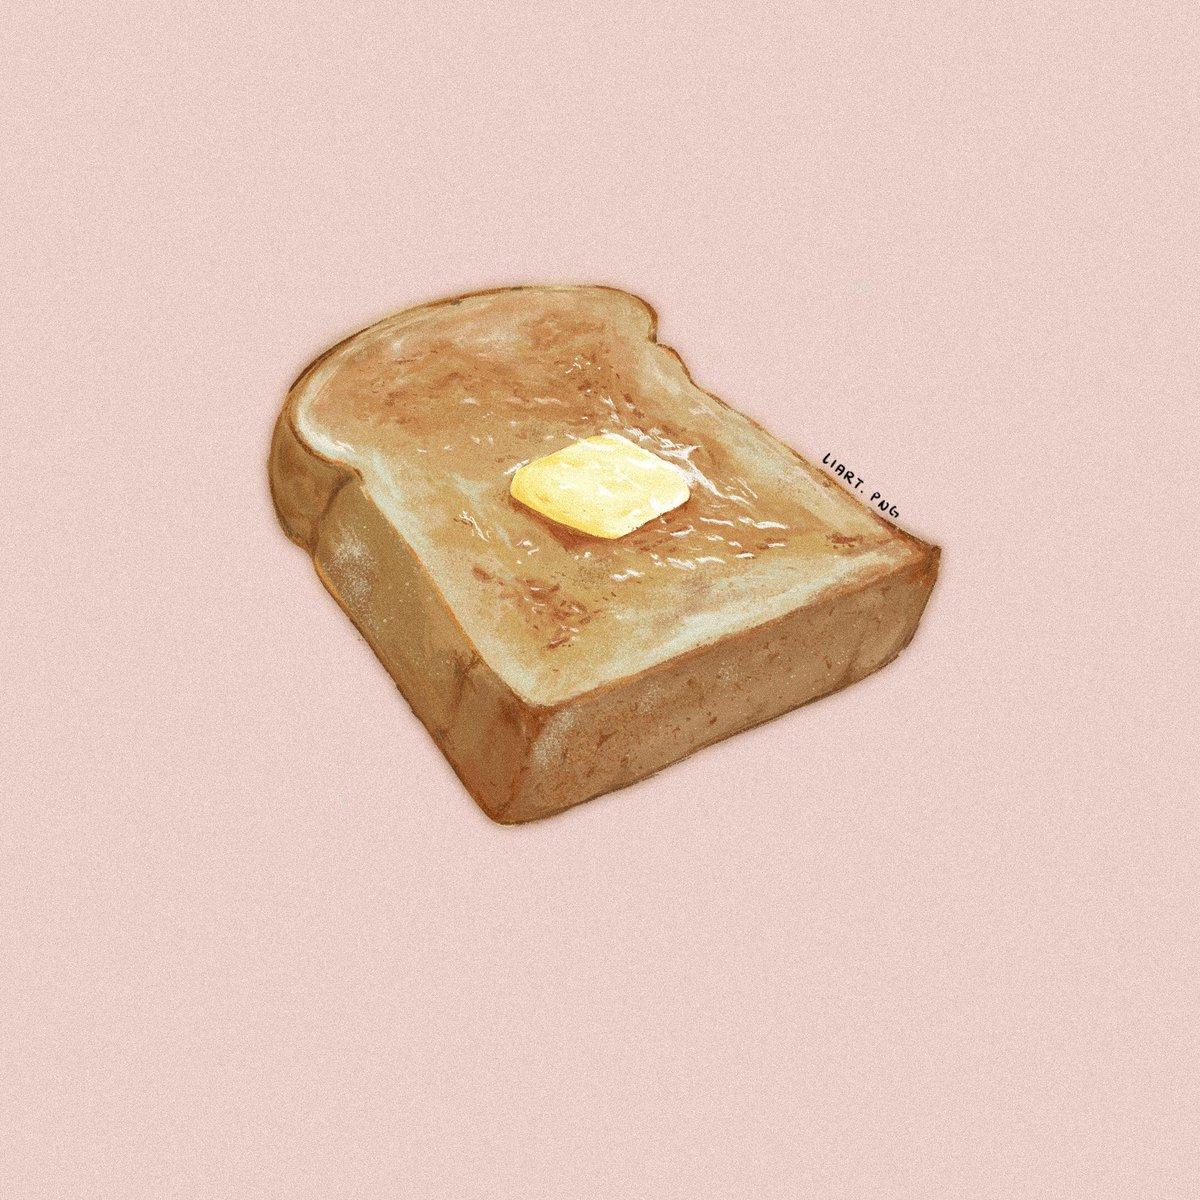 上年的🍞 #bread #toast #パン #トースト ✰ ☾ #hkart #插畫 #香港插畫 #drawing #gameart #illustration #procreate #art #artwork #digitalart #animegirls #hongkong #mangaart #manga #animation #anime #fooddrawing #toastlover